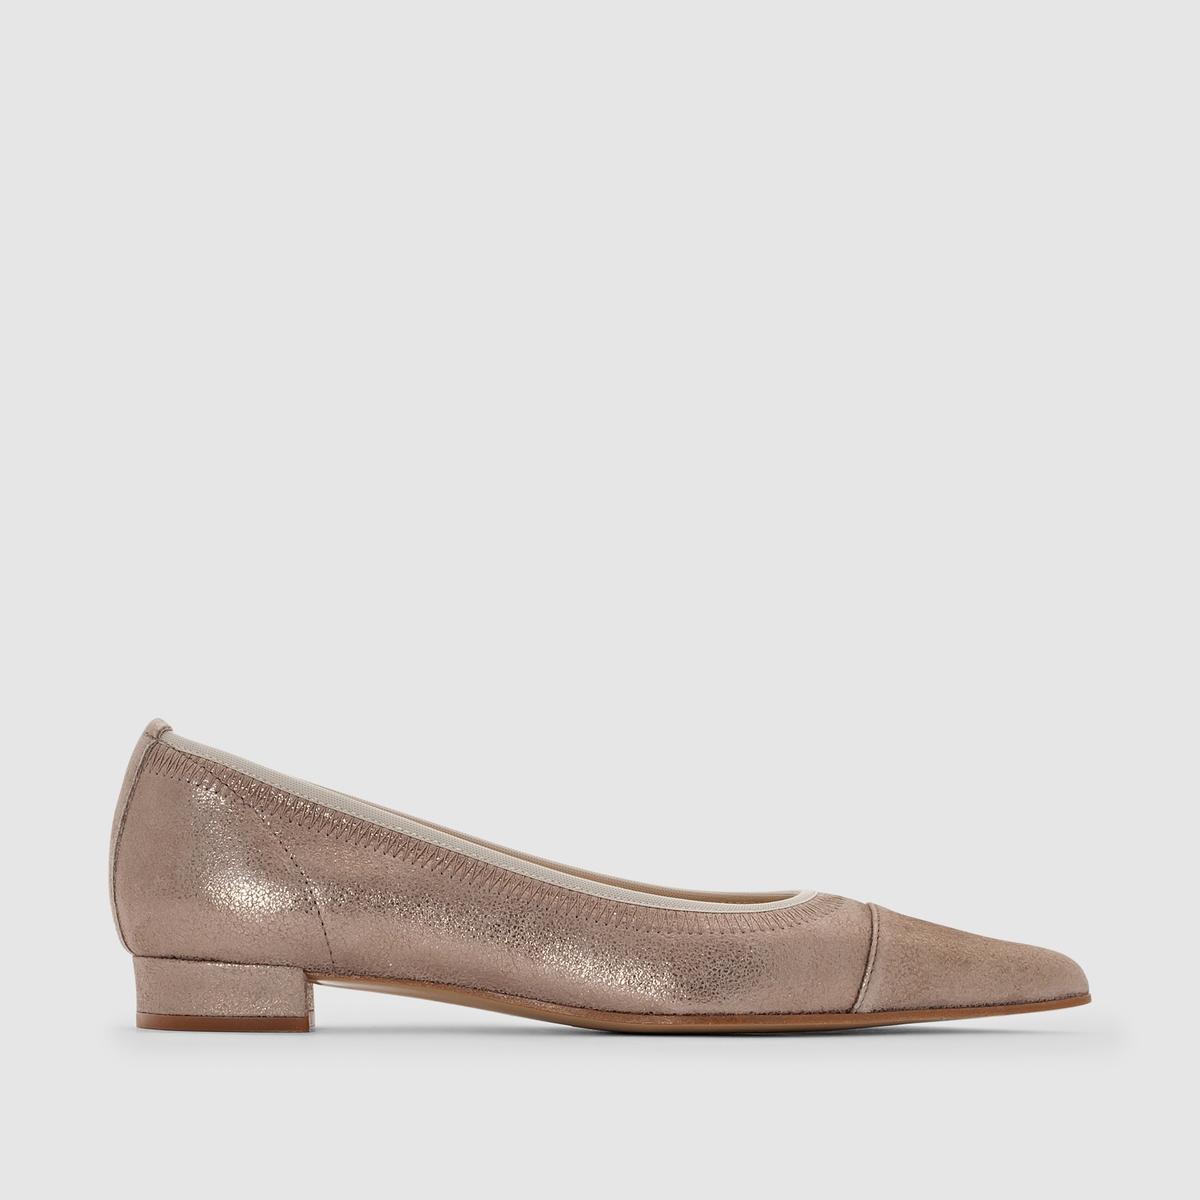 Балетки кожаные - ELIZABETH STUART, XimПреимущества: удобные балетки от ELIZABETH STUART, выполненные в утонченном стиле из натуральной кожи с переливами.<br><br>Цвет: бежевый с блеском,черный с блеском<br>Размер: 38.39